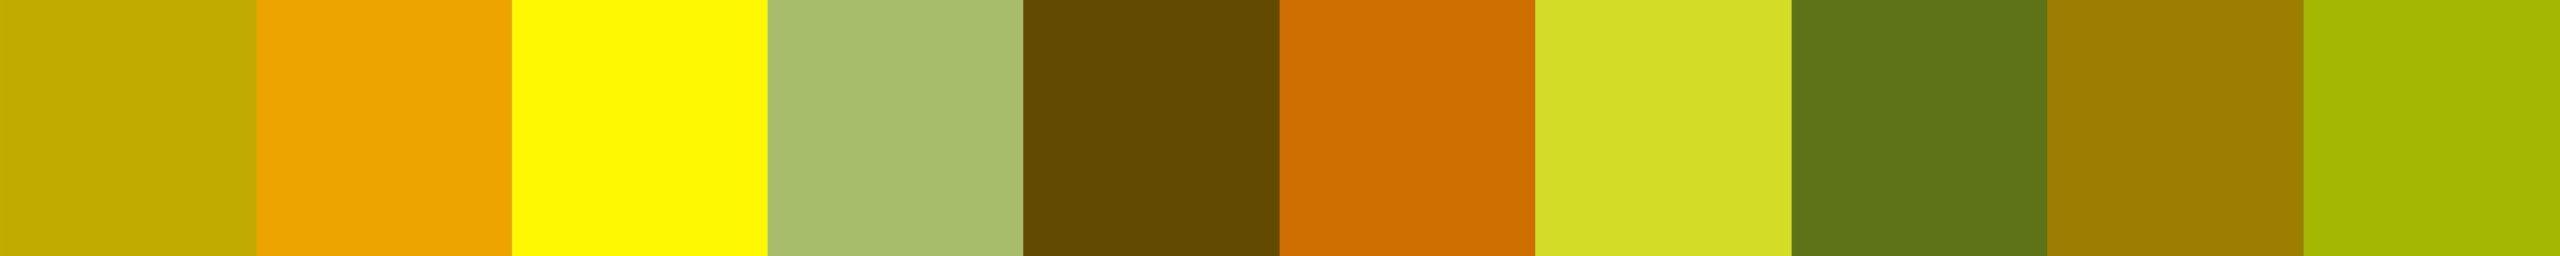 449 Nolla Color Palette